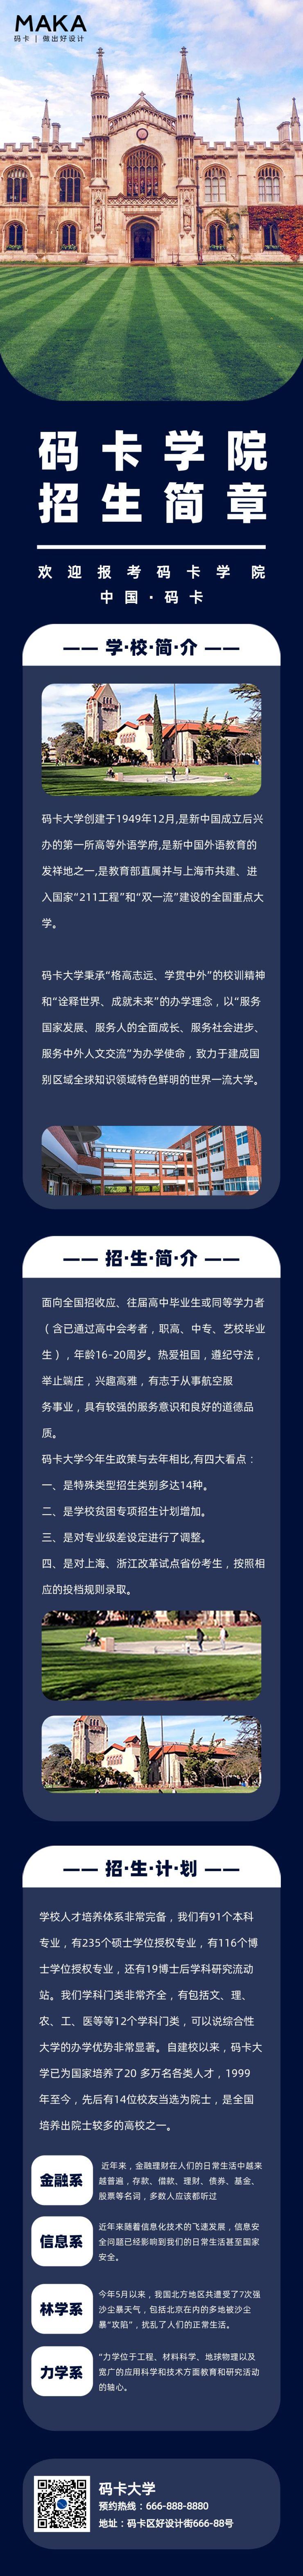 蓝色简约风学院招生简章宣传长图